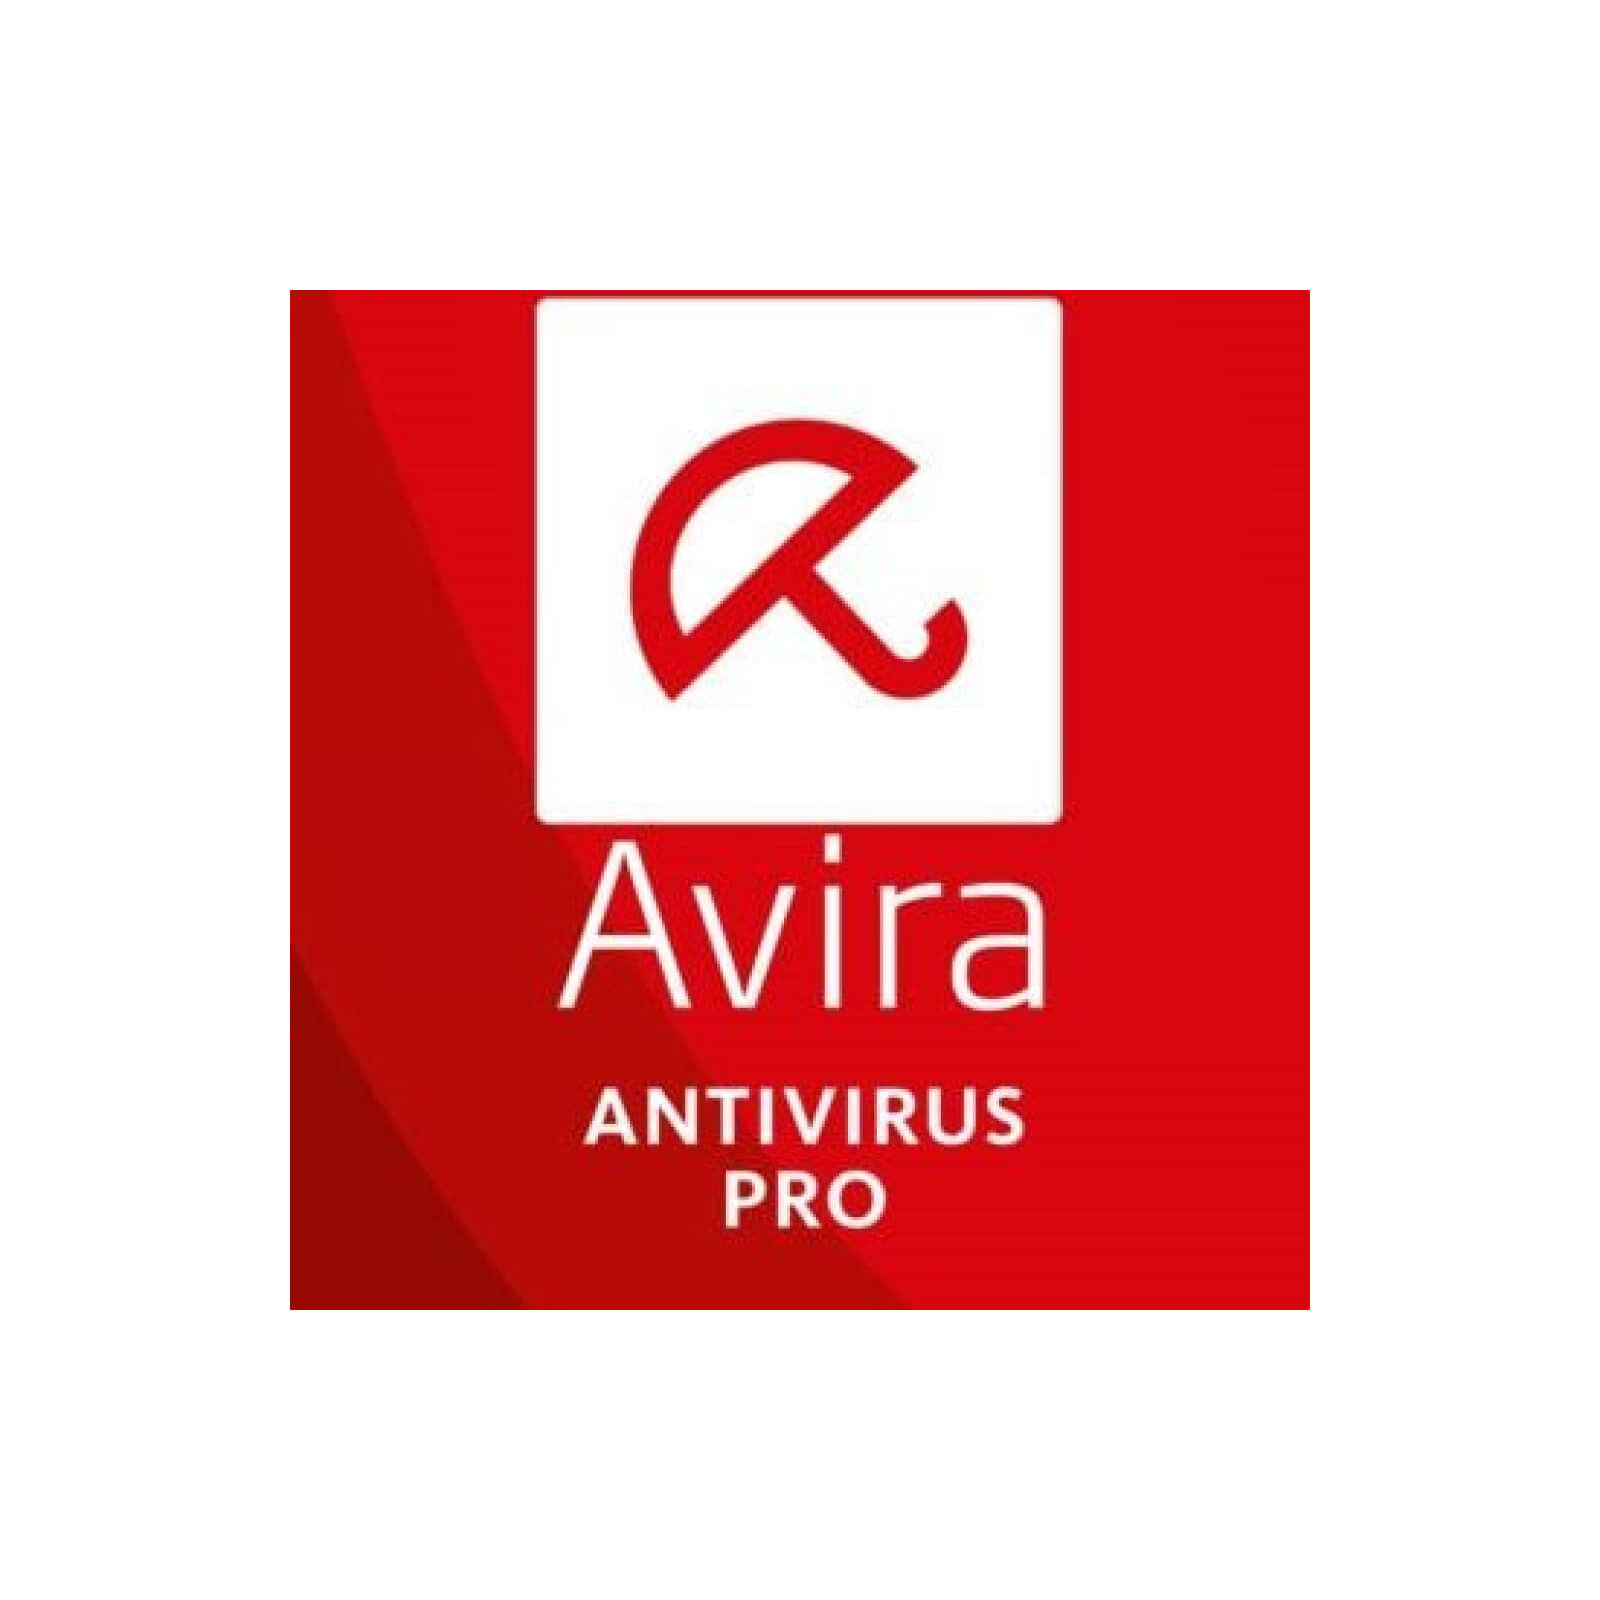 Avira Antivirus Pro